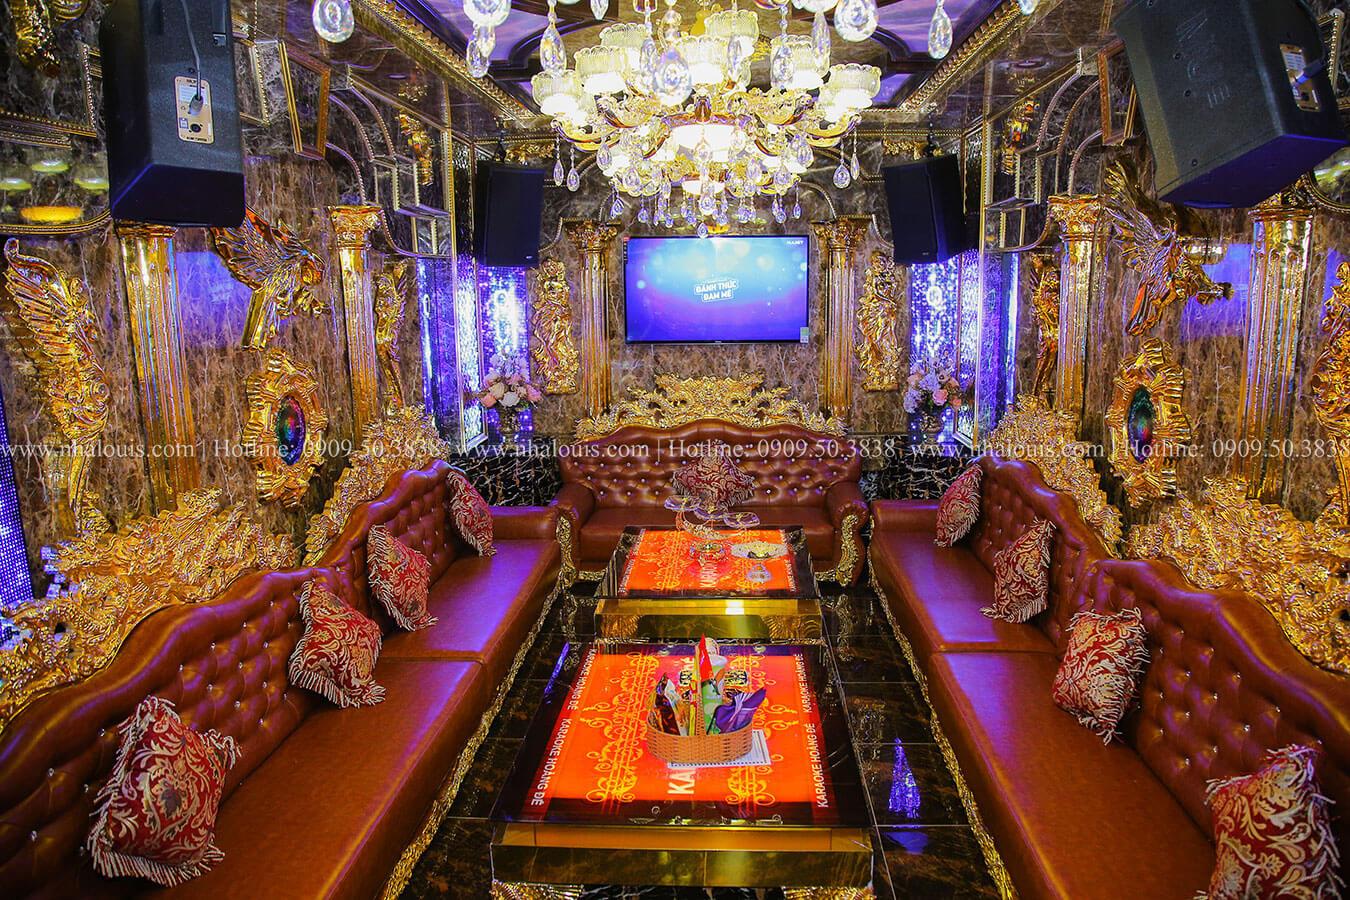 Thiết kế karaoke 5 tầng đẳng cấp sang trọng tại Long An